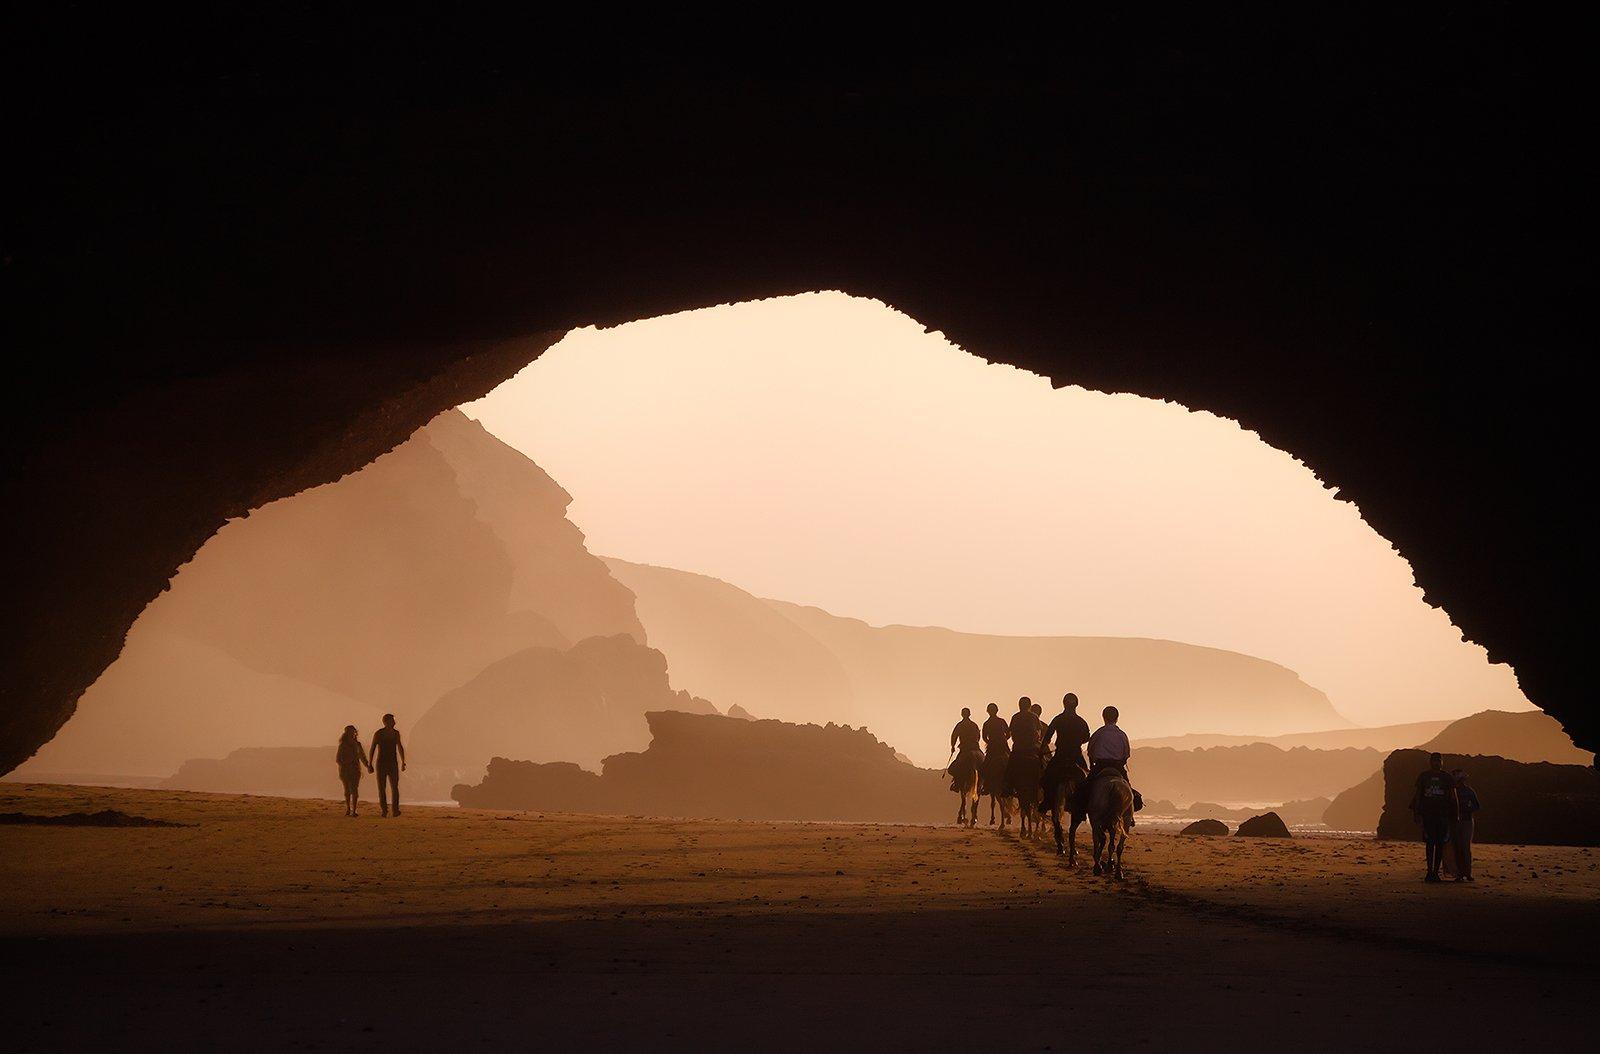 марокко, пляж, скала, закат, побережье, вечер, Бирюков Юрий